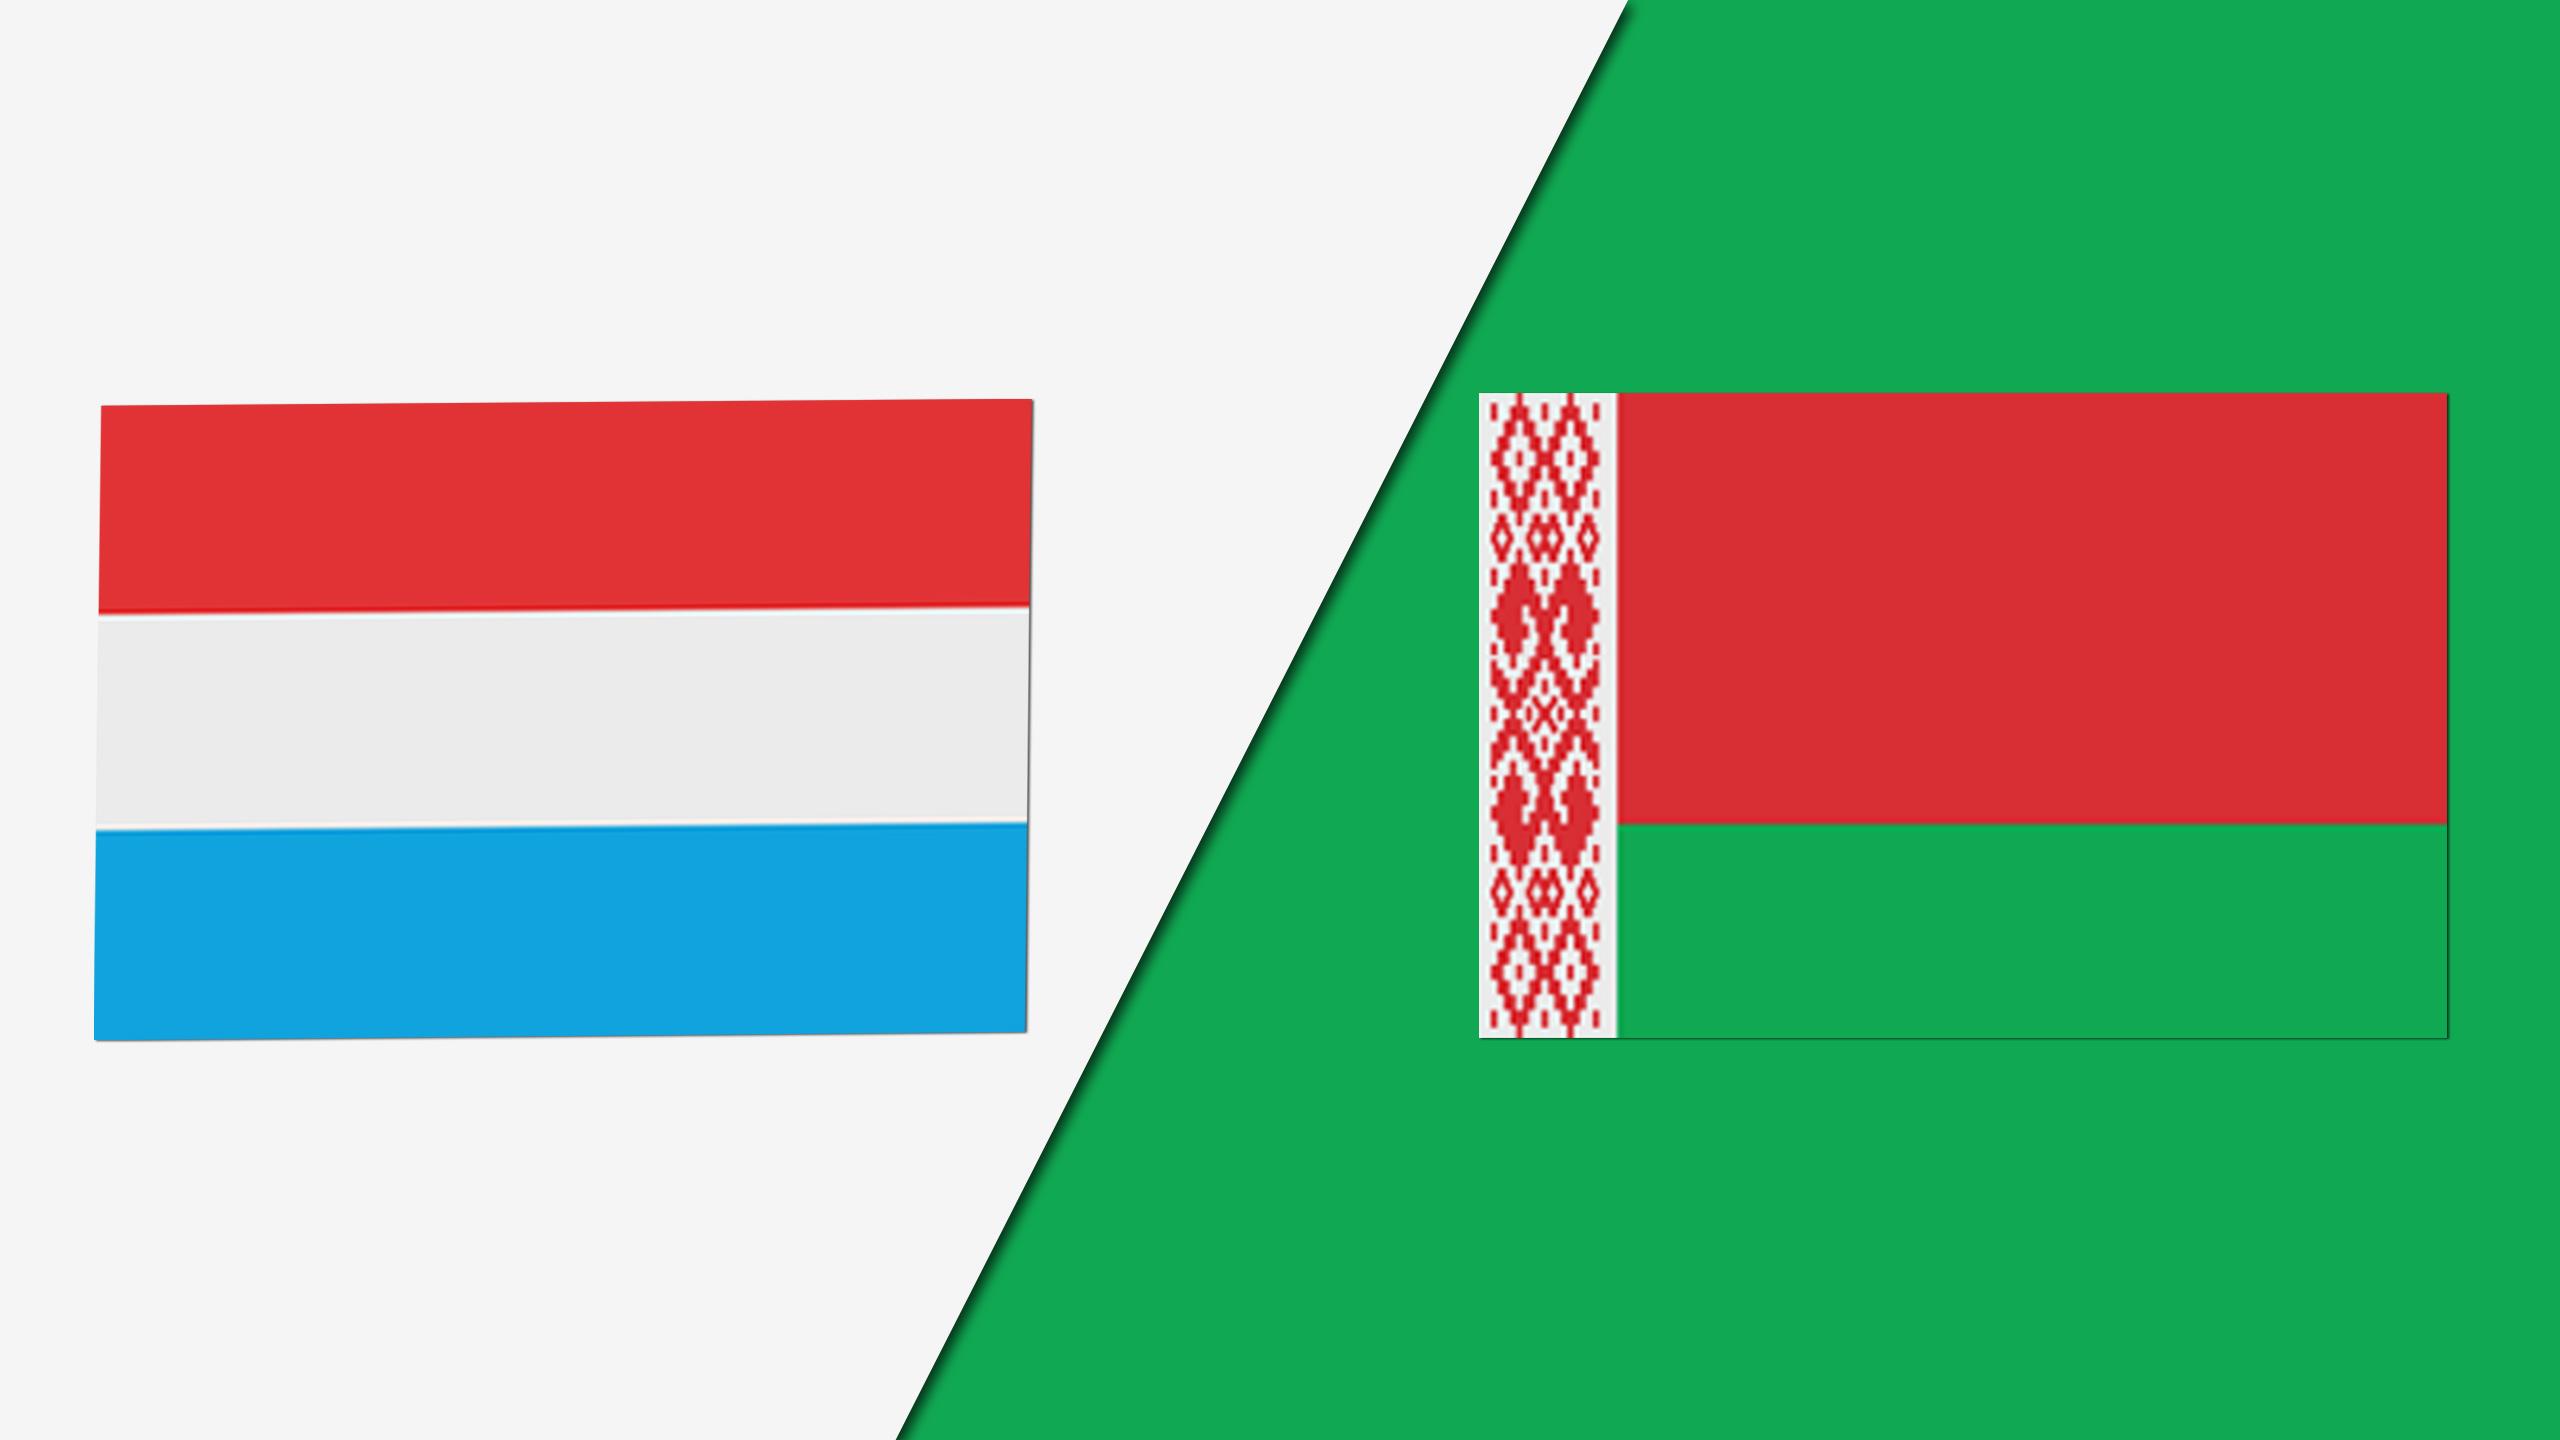 Luxembourg vs. Belarus